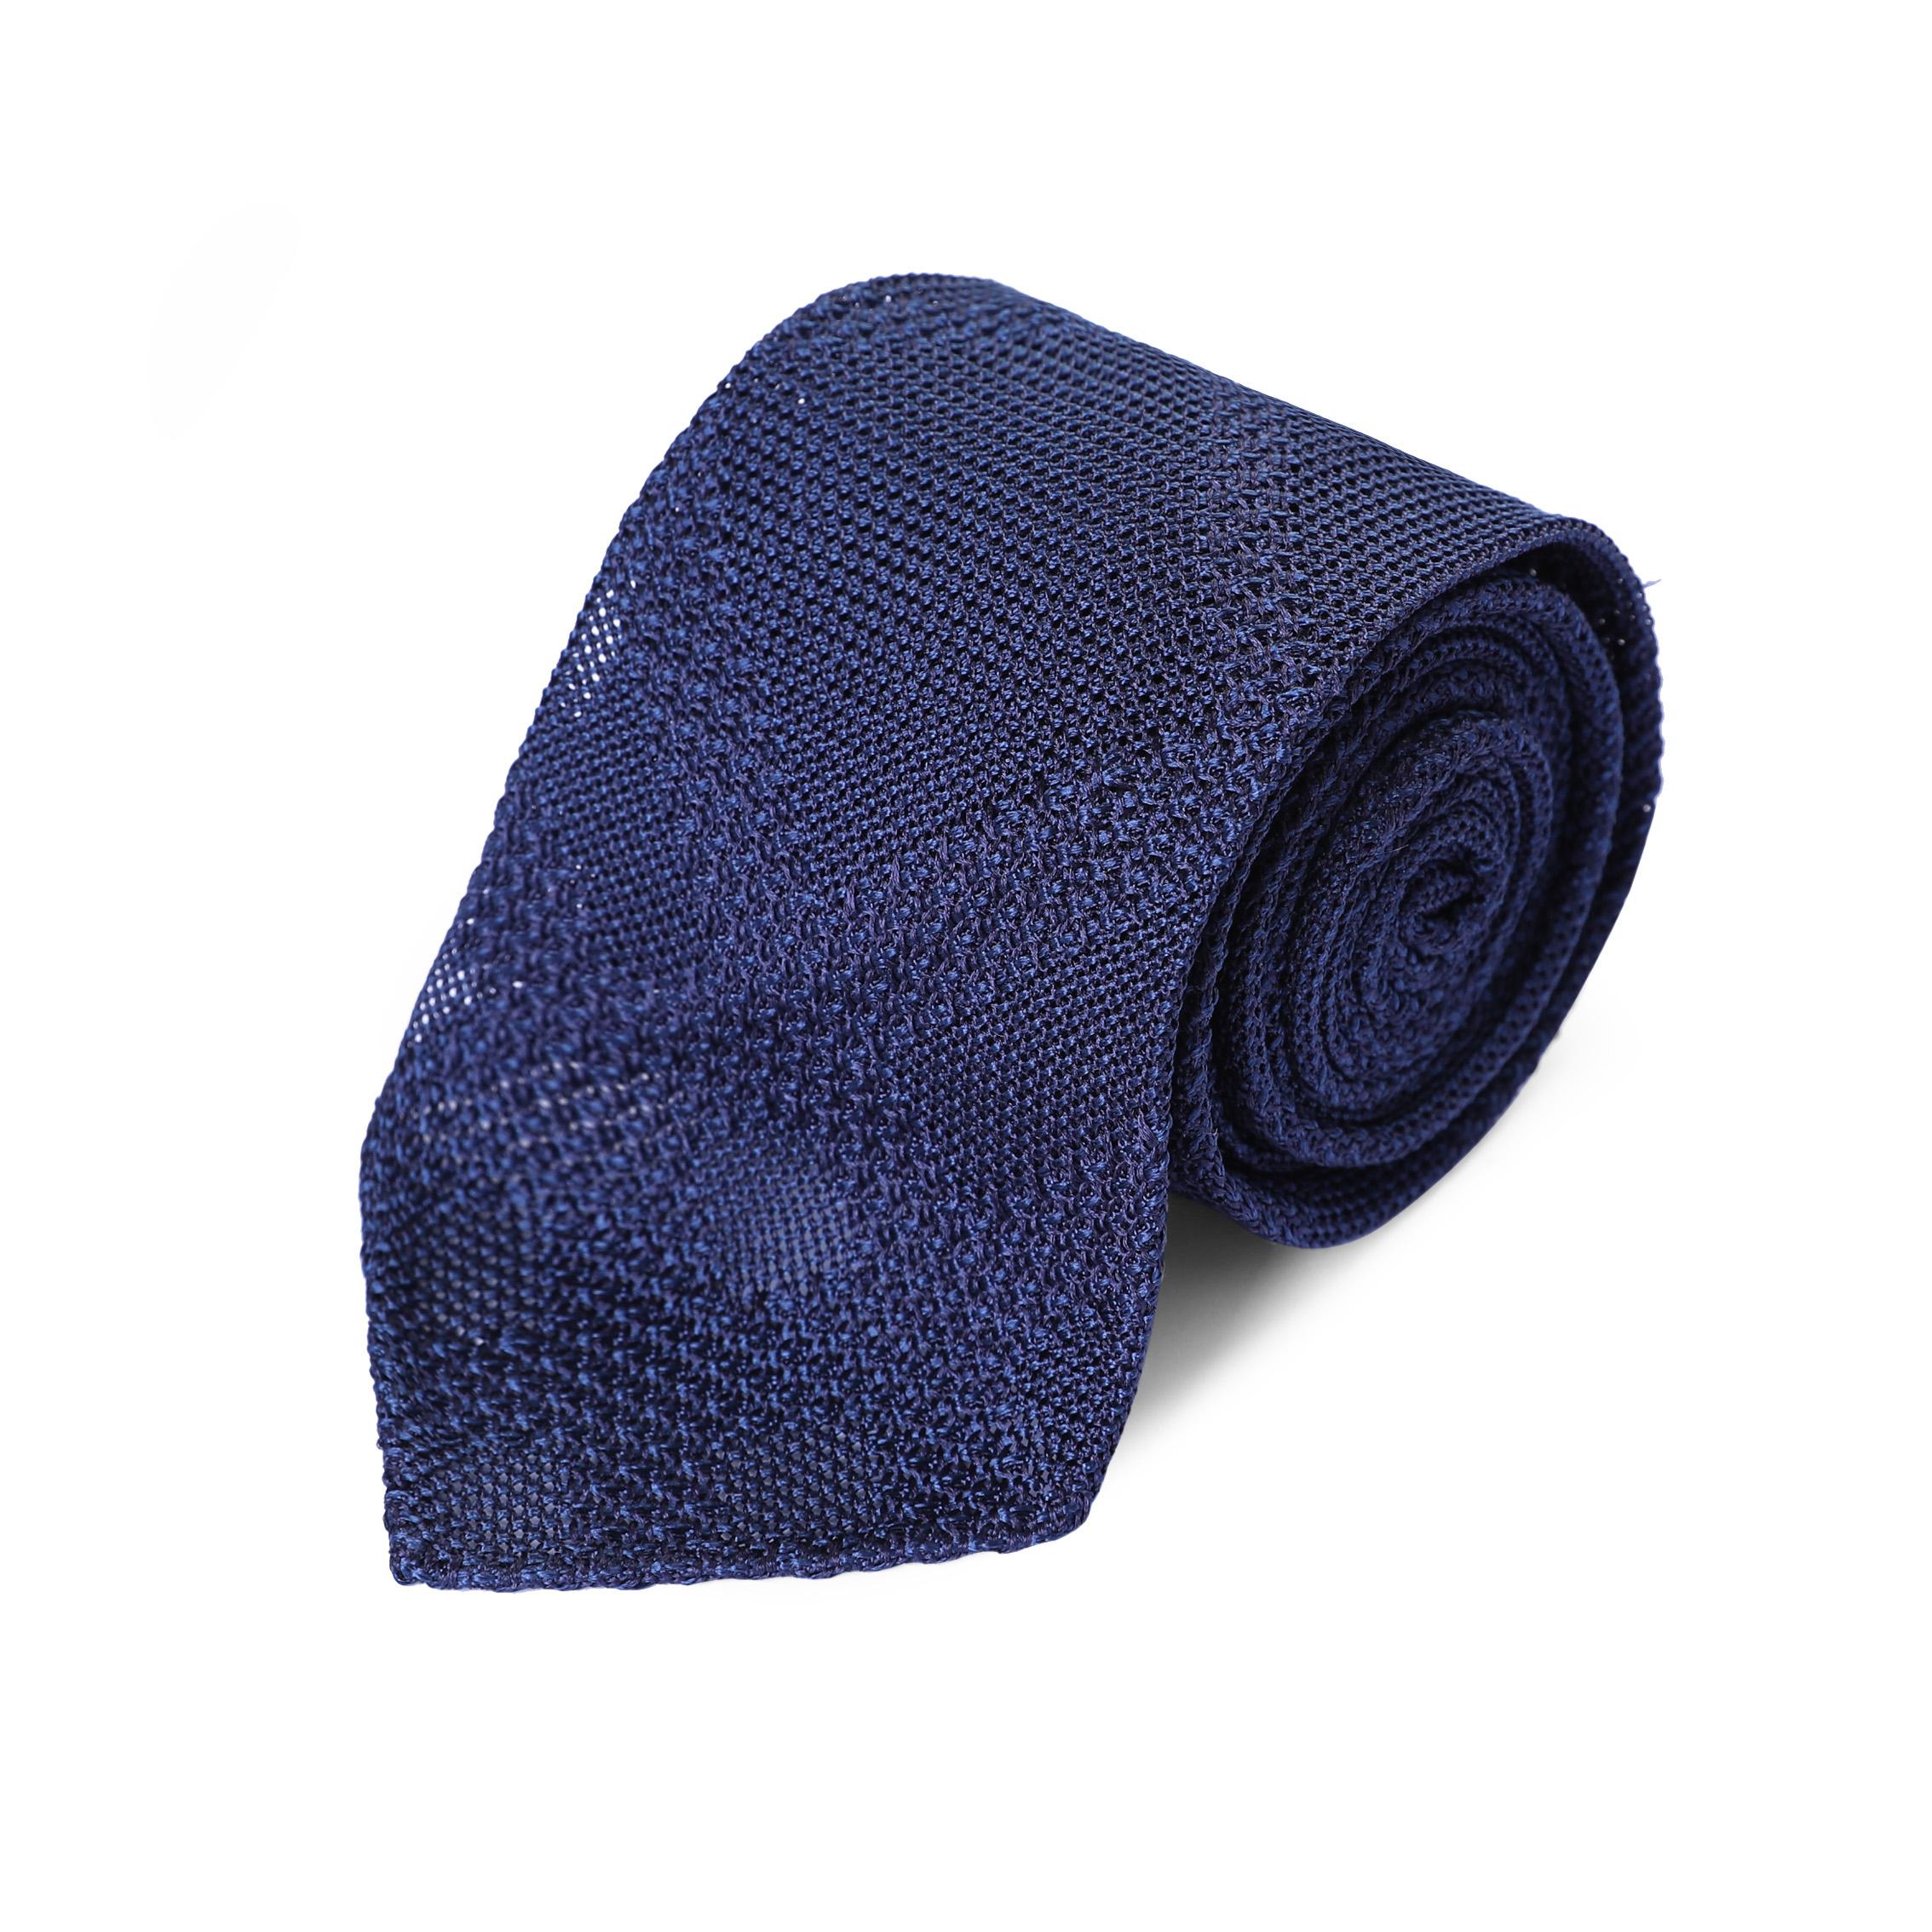 ilLupo西装配饰/男士正装商务  纯色针织款  意大利真丝手工领带